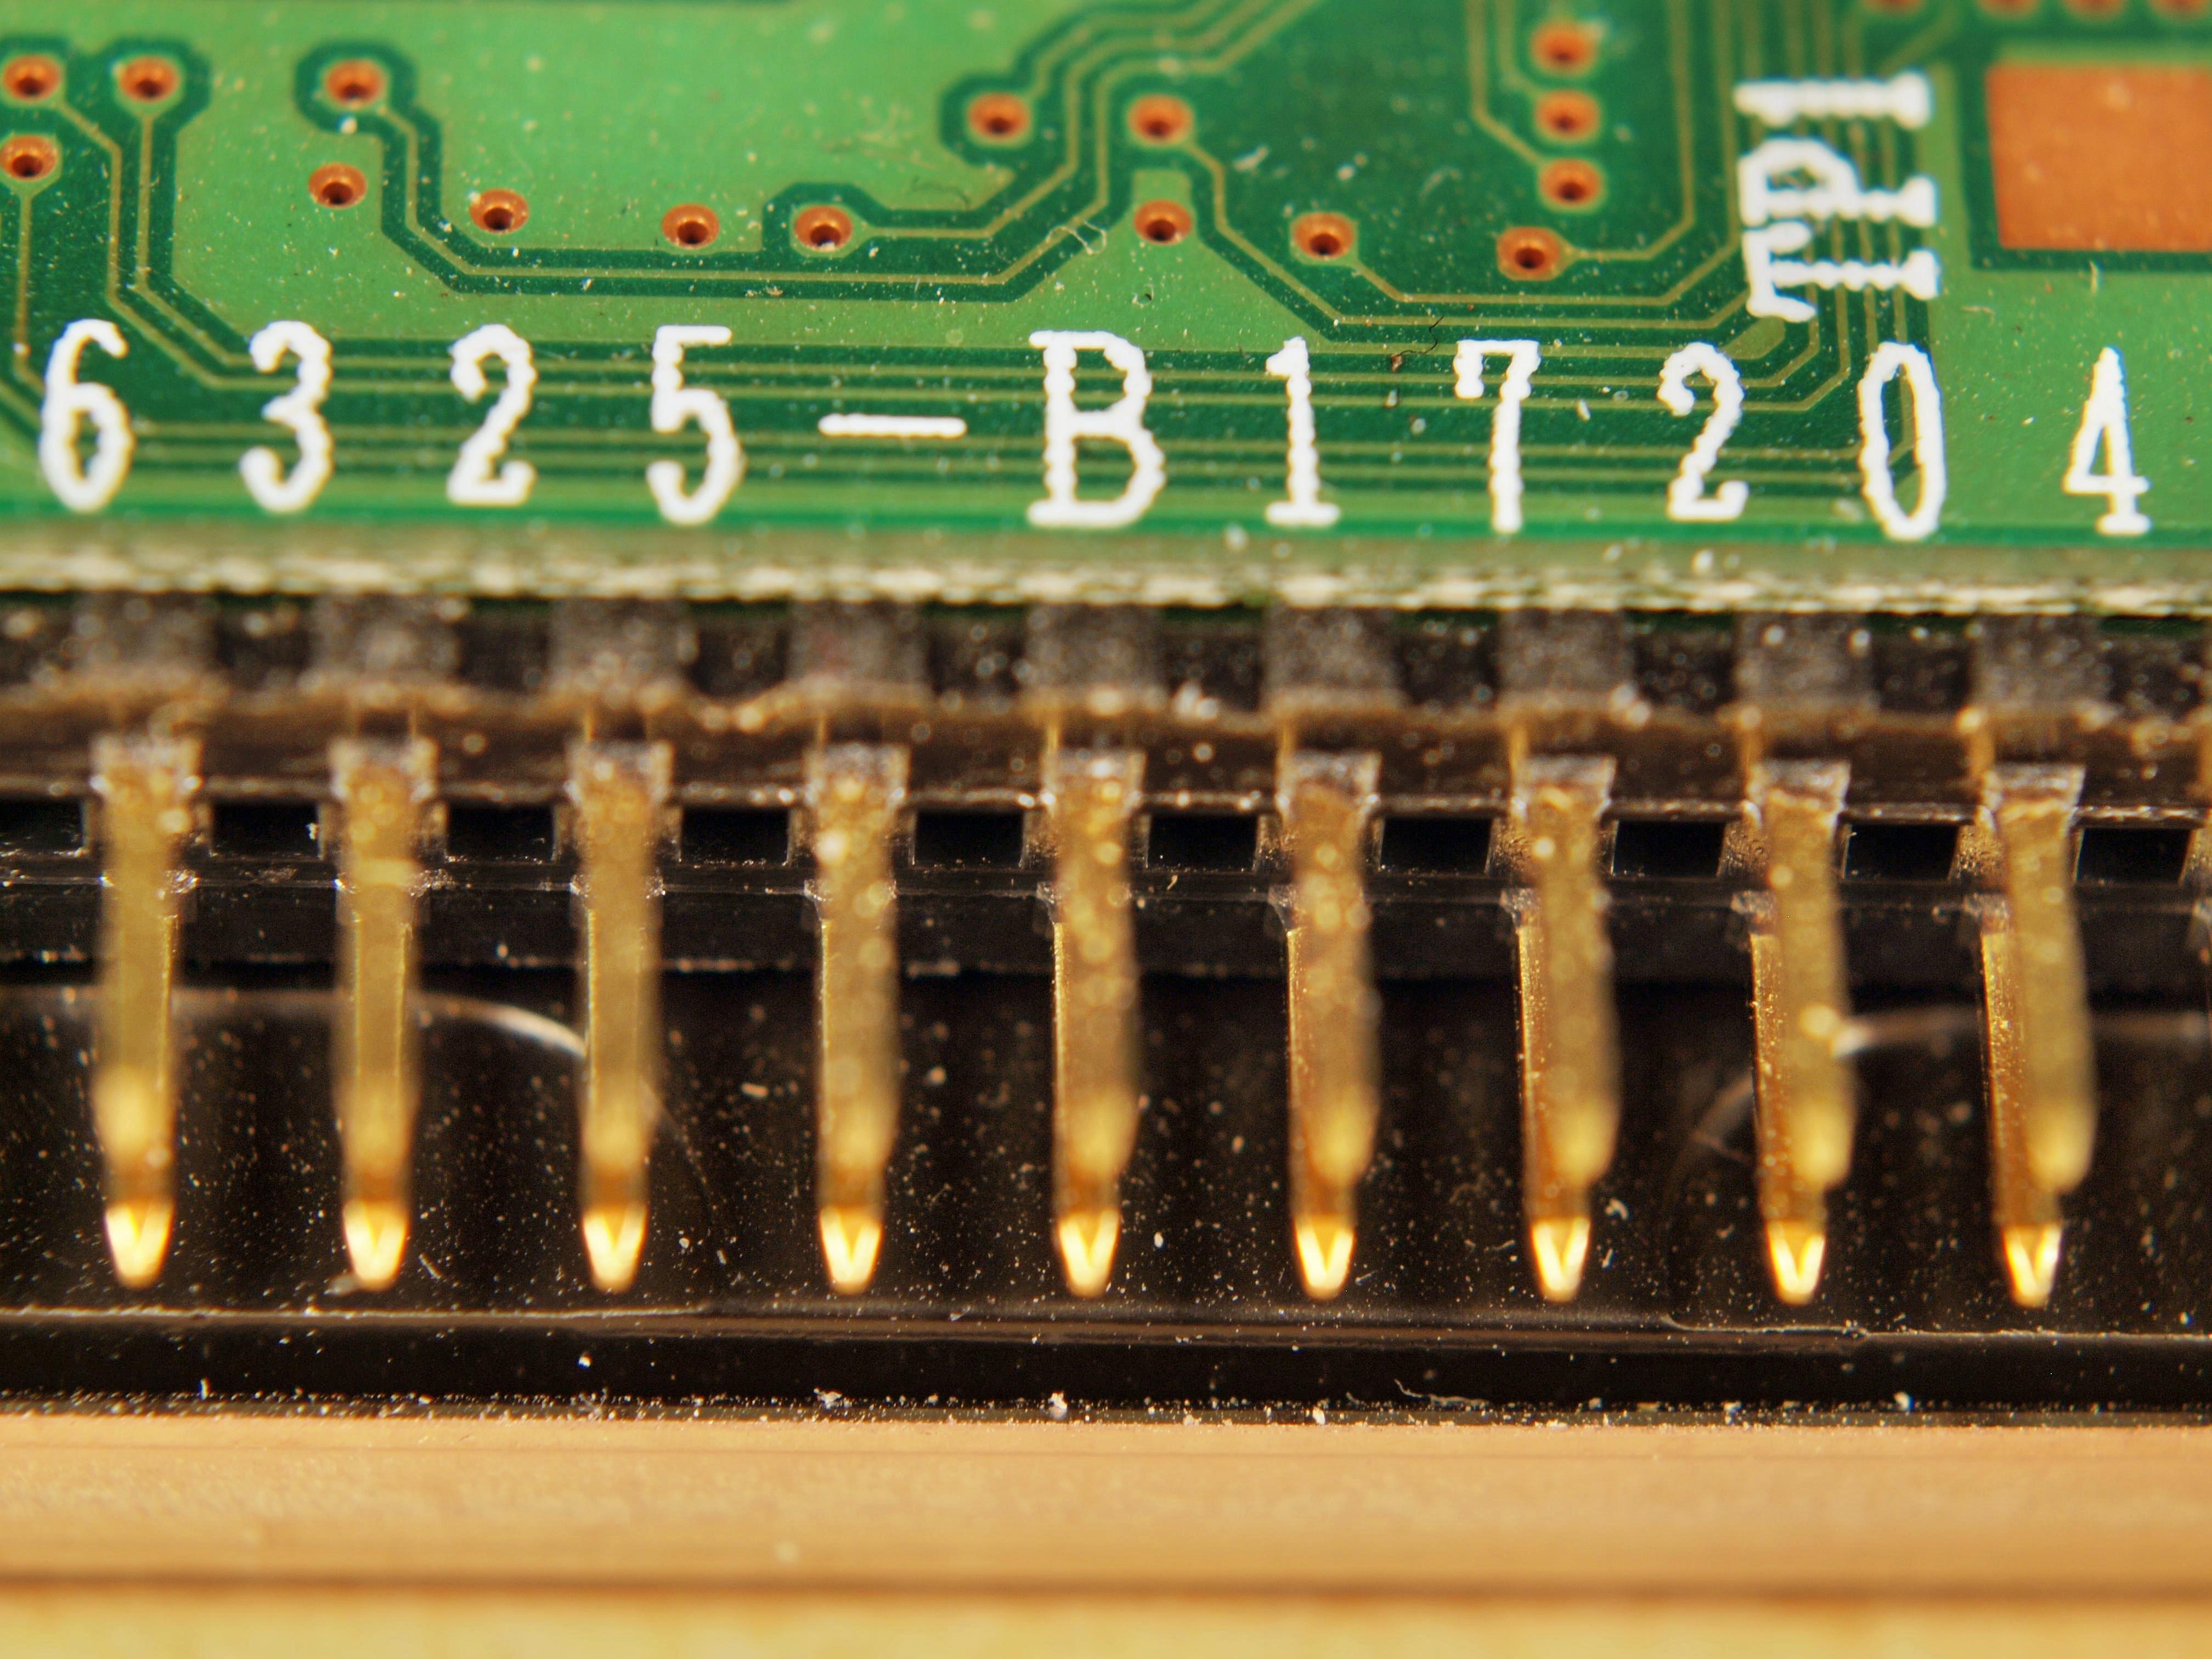 Disk-Zuiko-noflash-closeup-5.6.jpeg